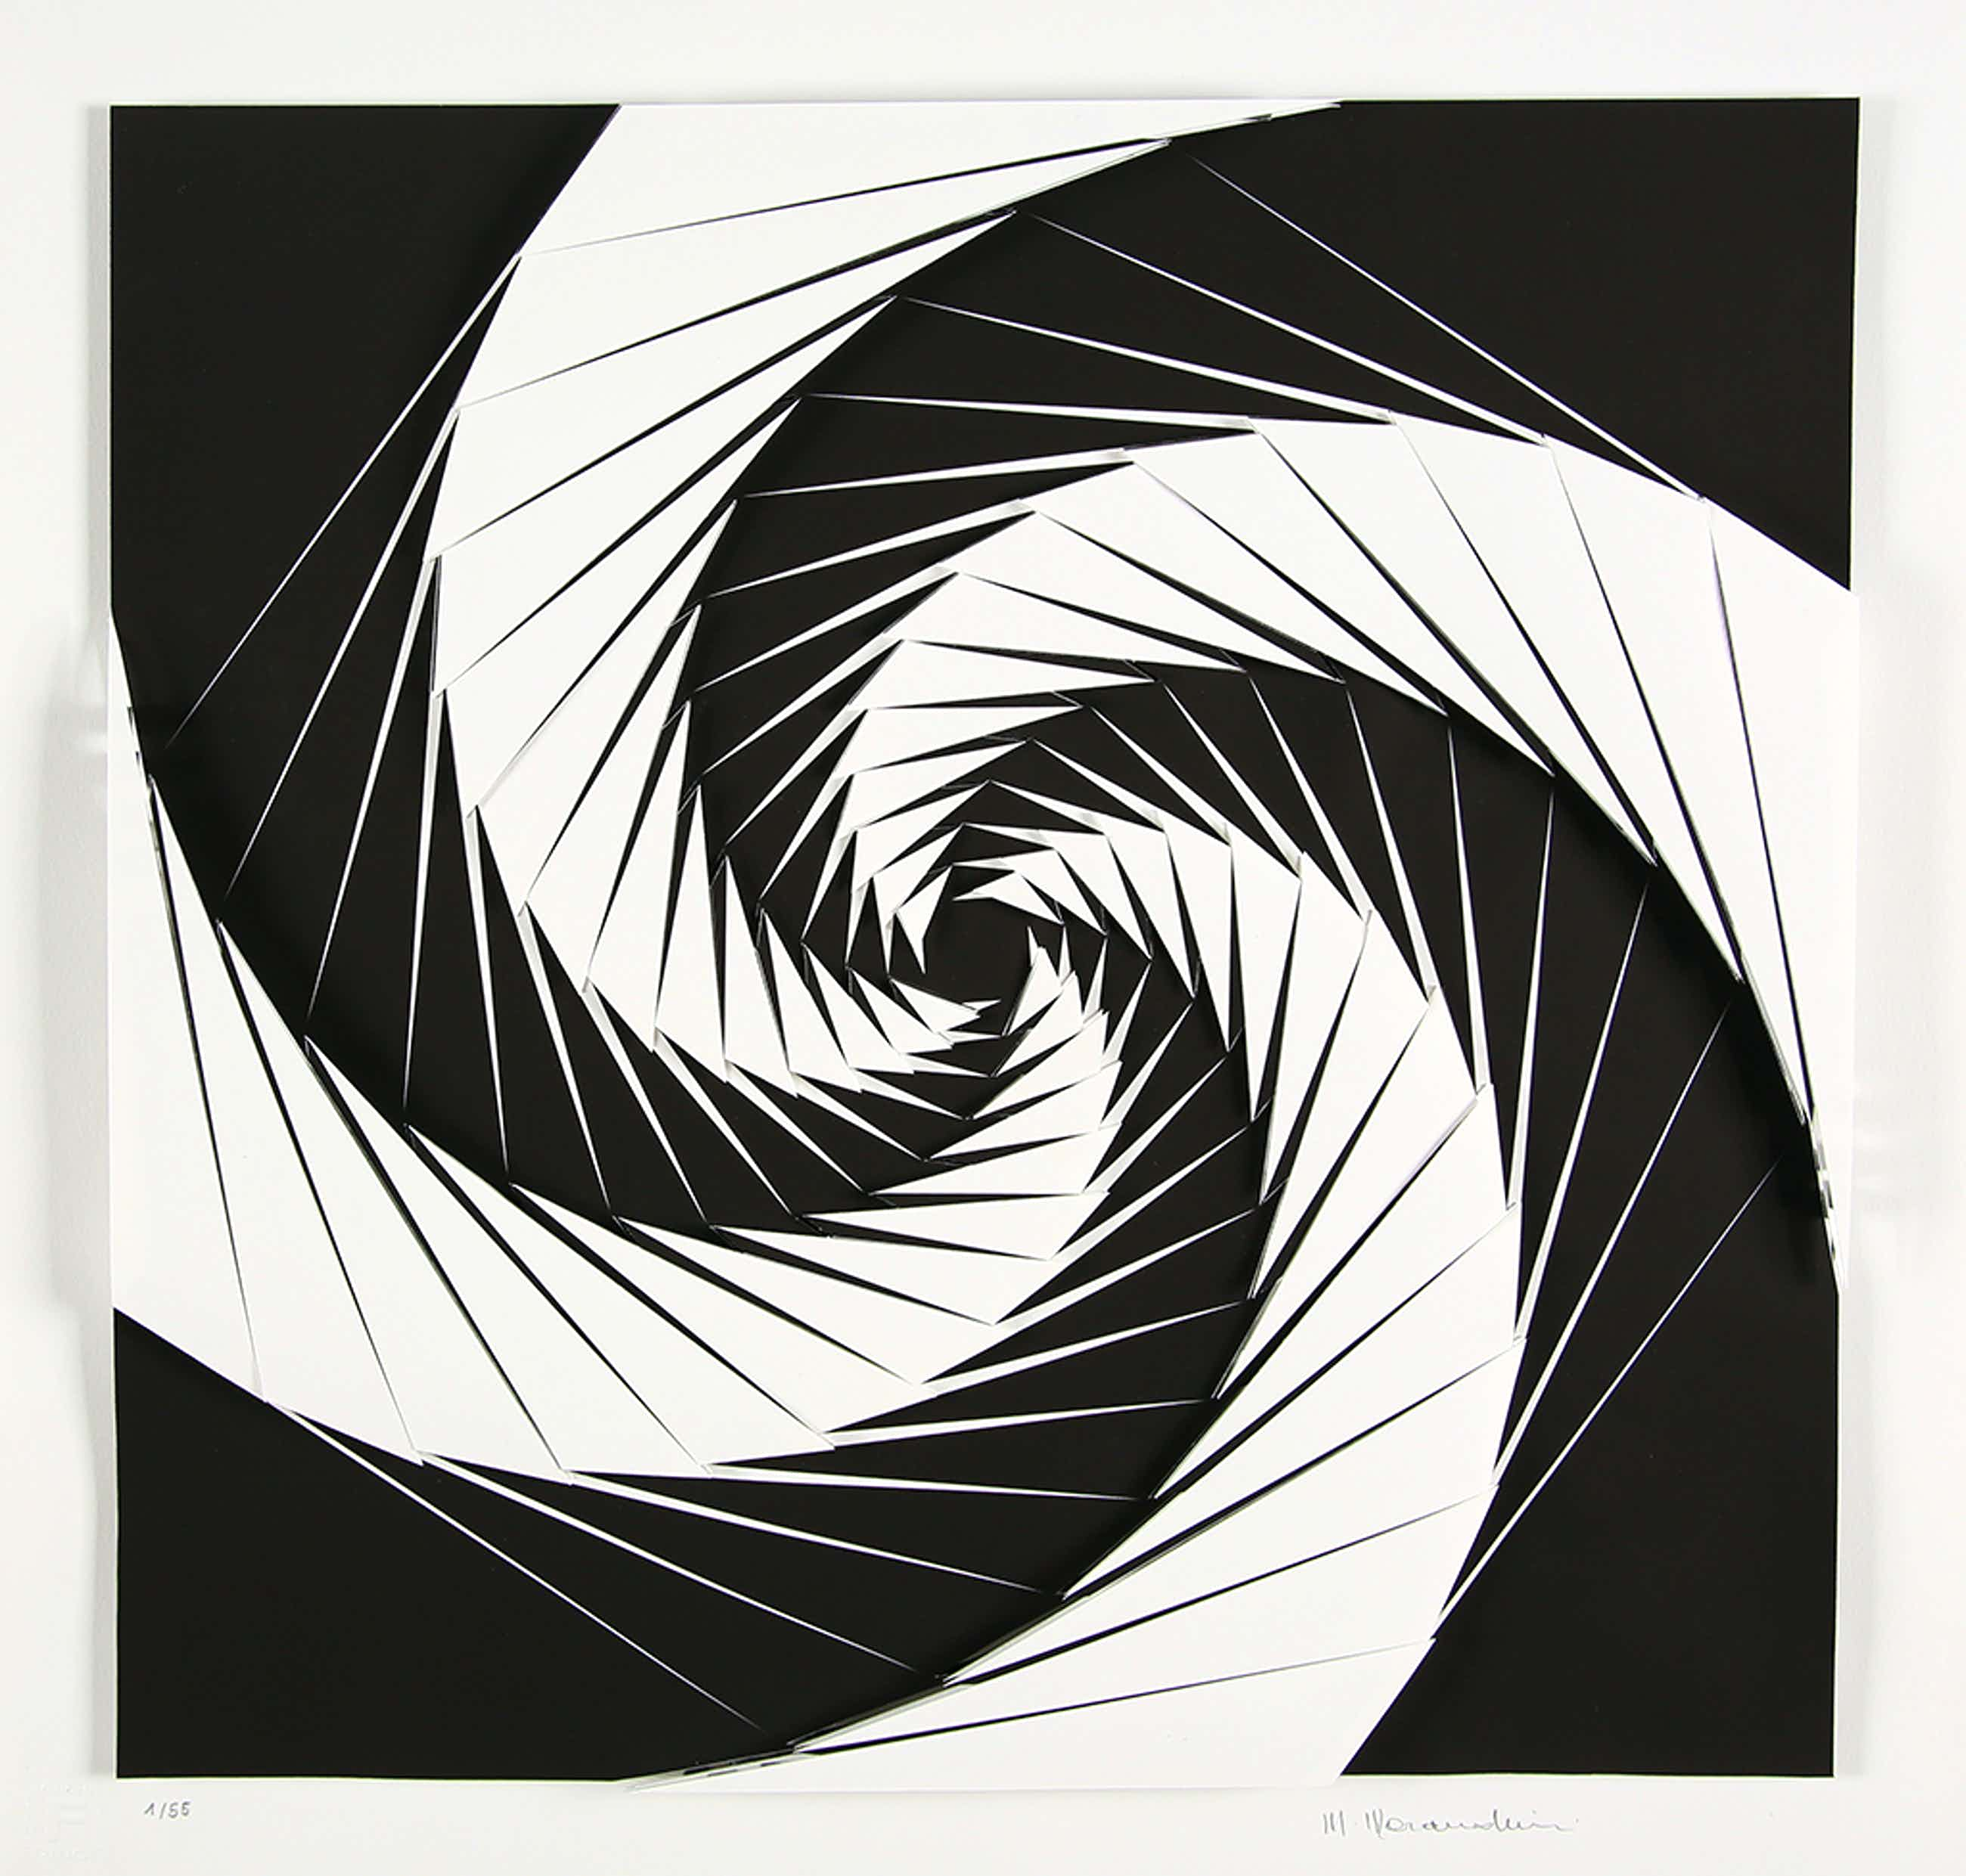 Marcello Morandini - 3D - Komposition 612A kopen? Bied vanaf 60!